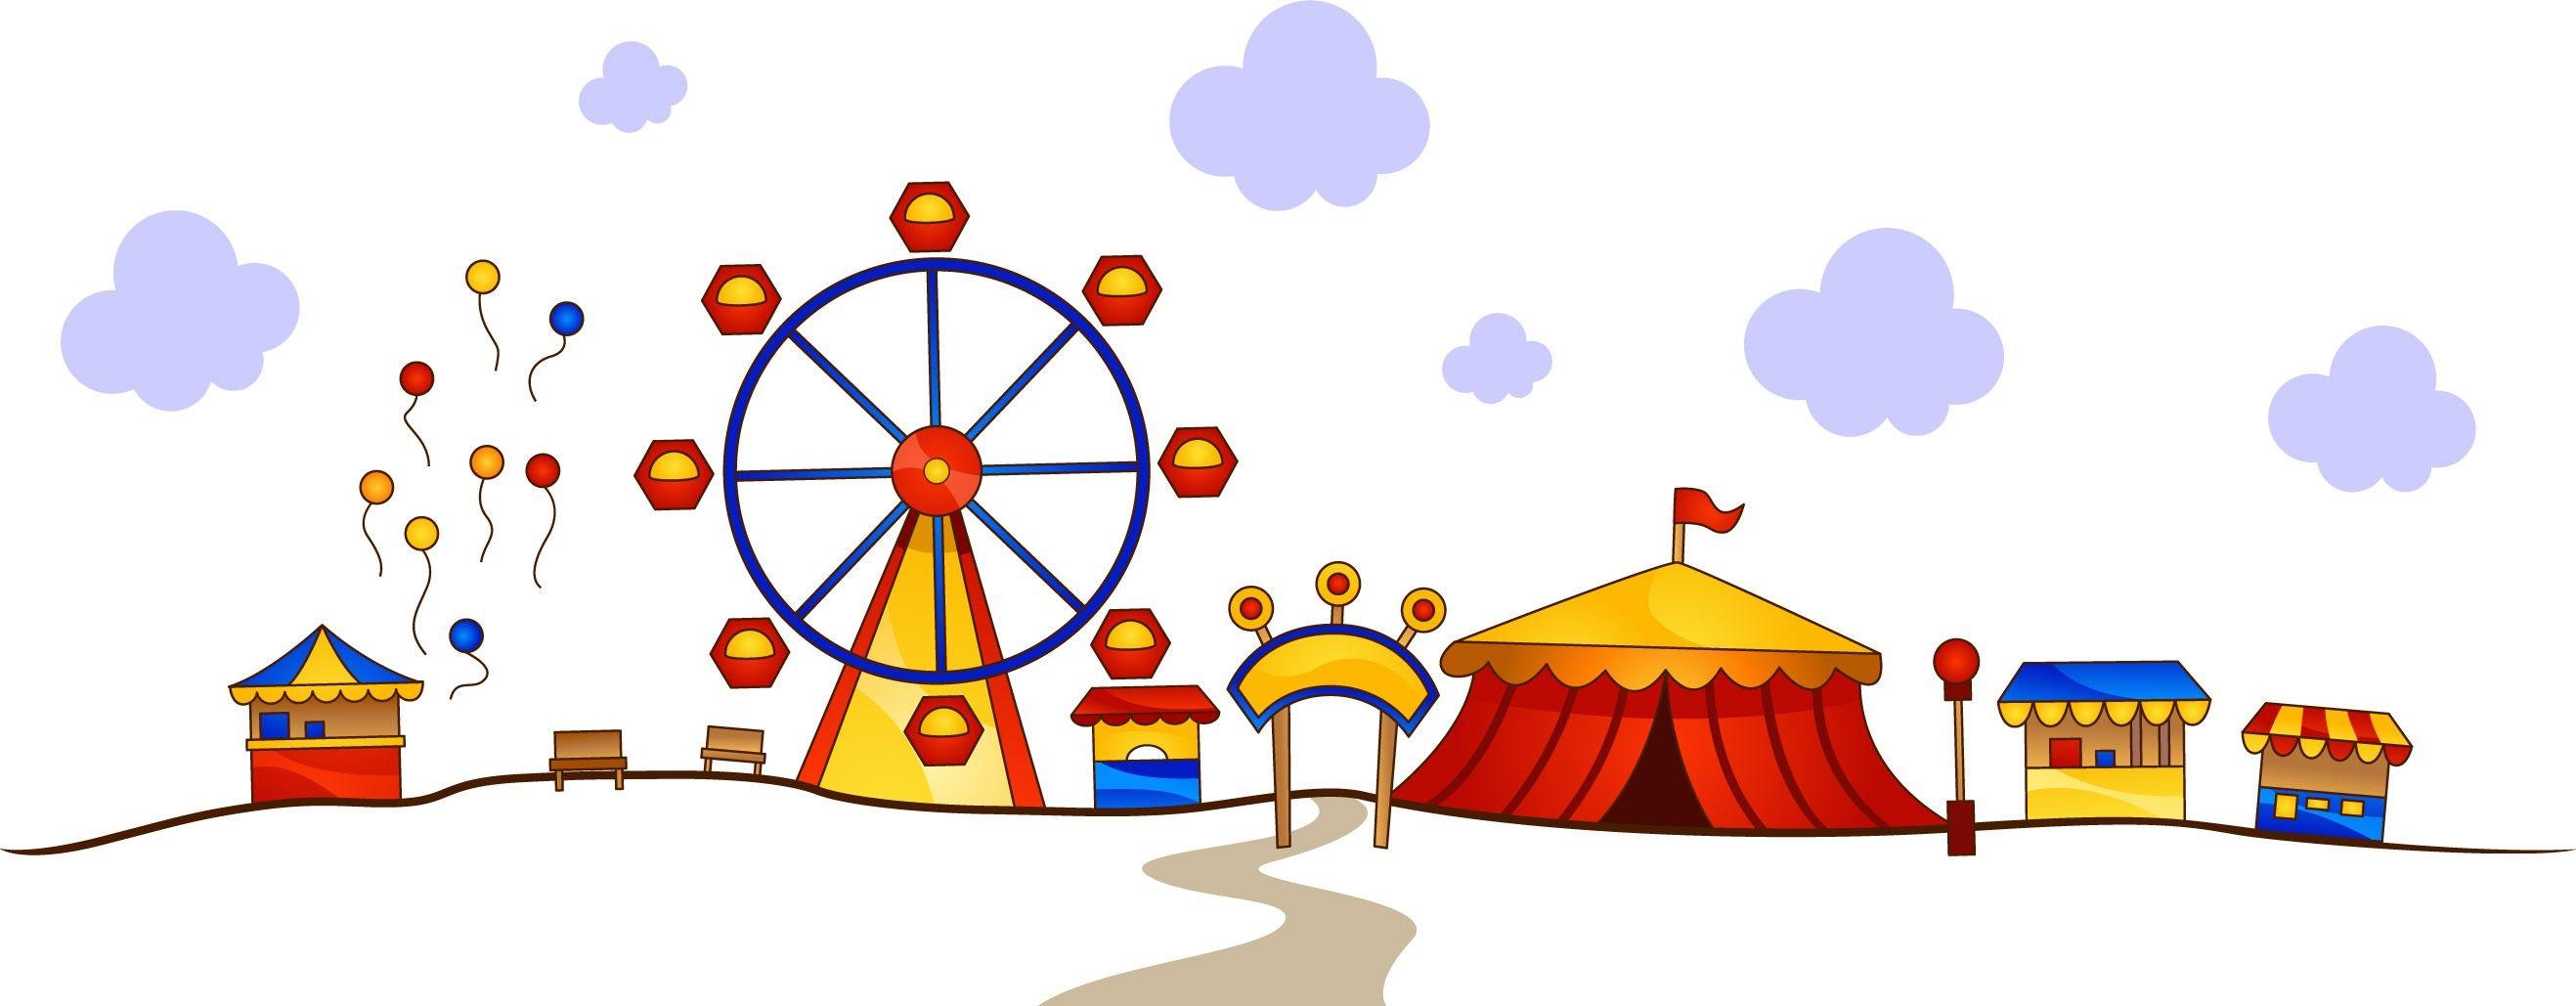 man ges f te foraine recherche google clipart pinterest rh pinterest com Theme Park Clip Art Black and White theme park rides clipart